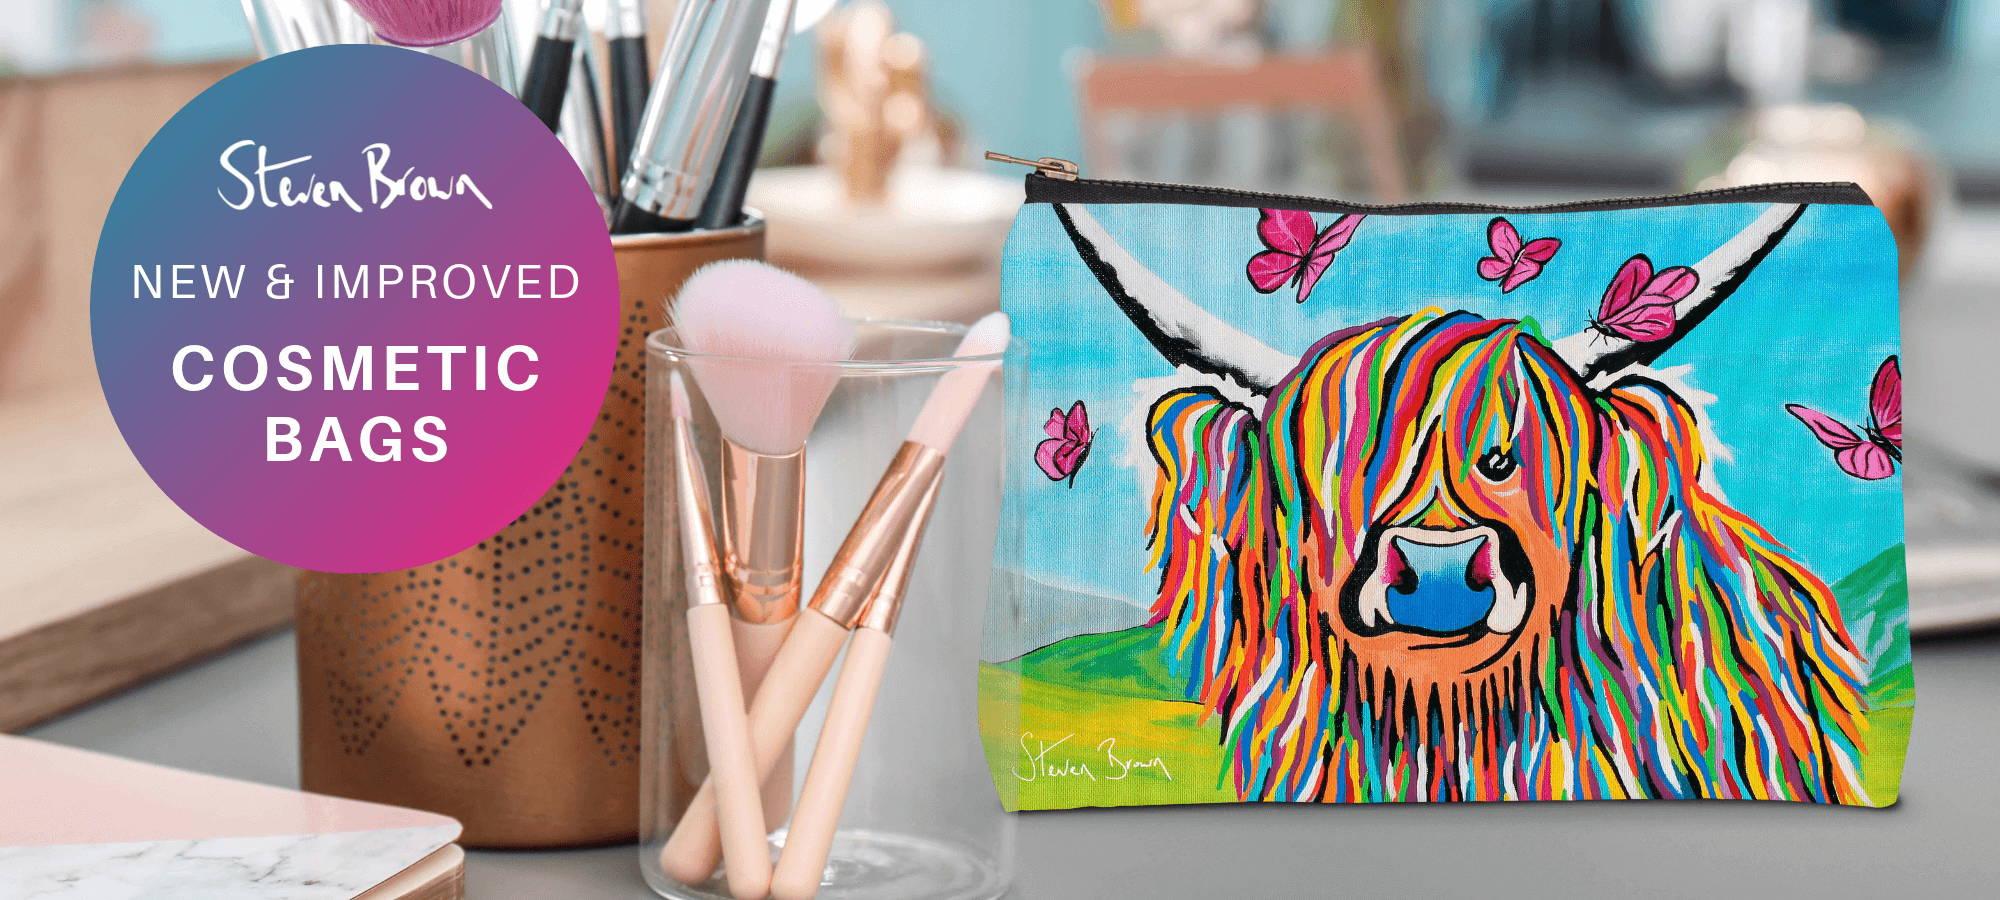 Artwork & Merchandise By Scottish Artist Steven Brown